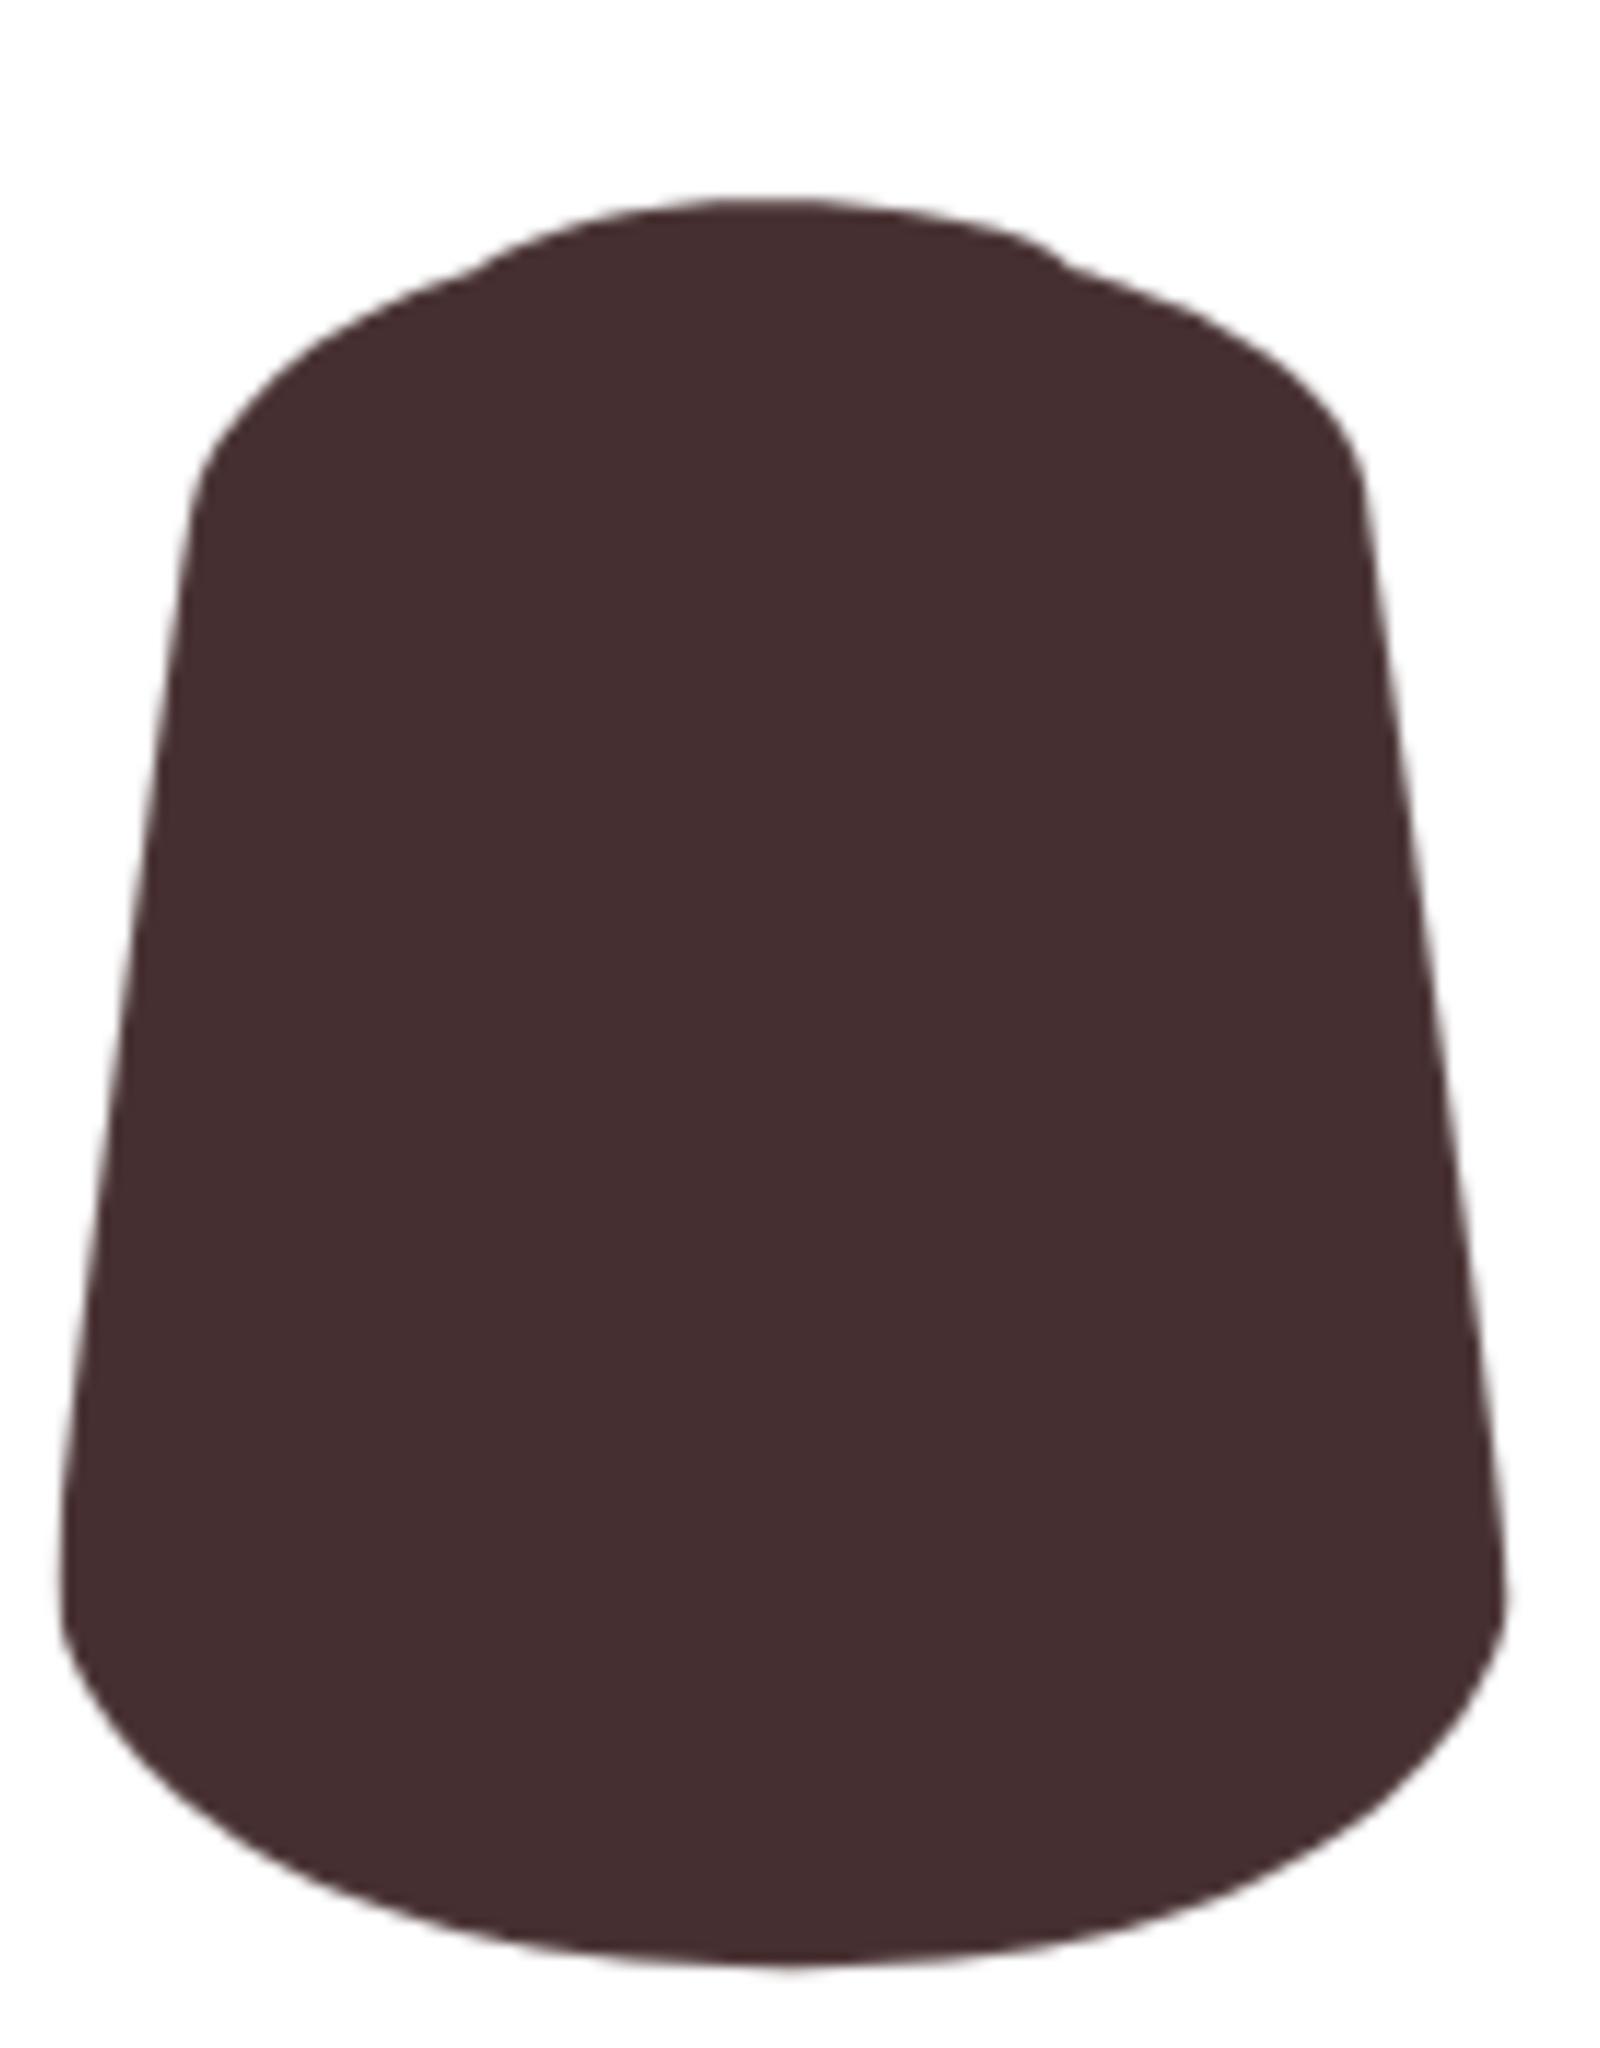 Games Workshop Base: Rhinox Hide (12ML) Paint